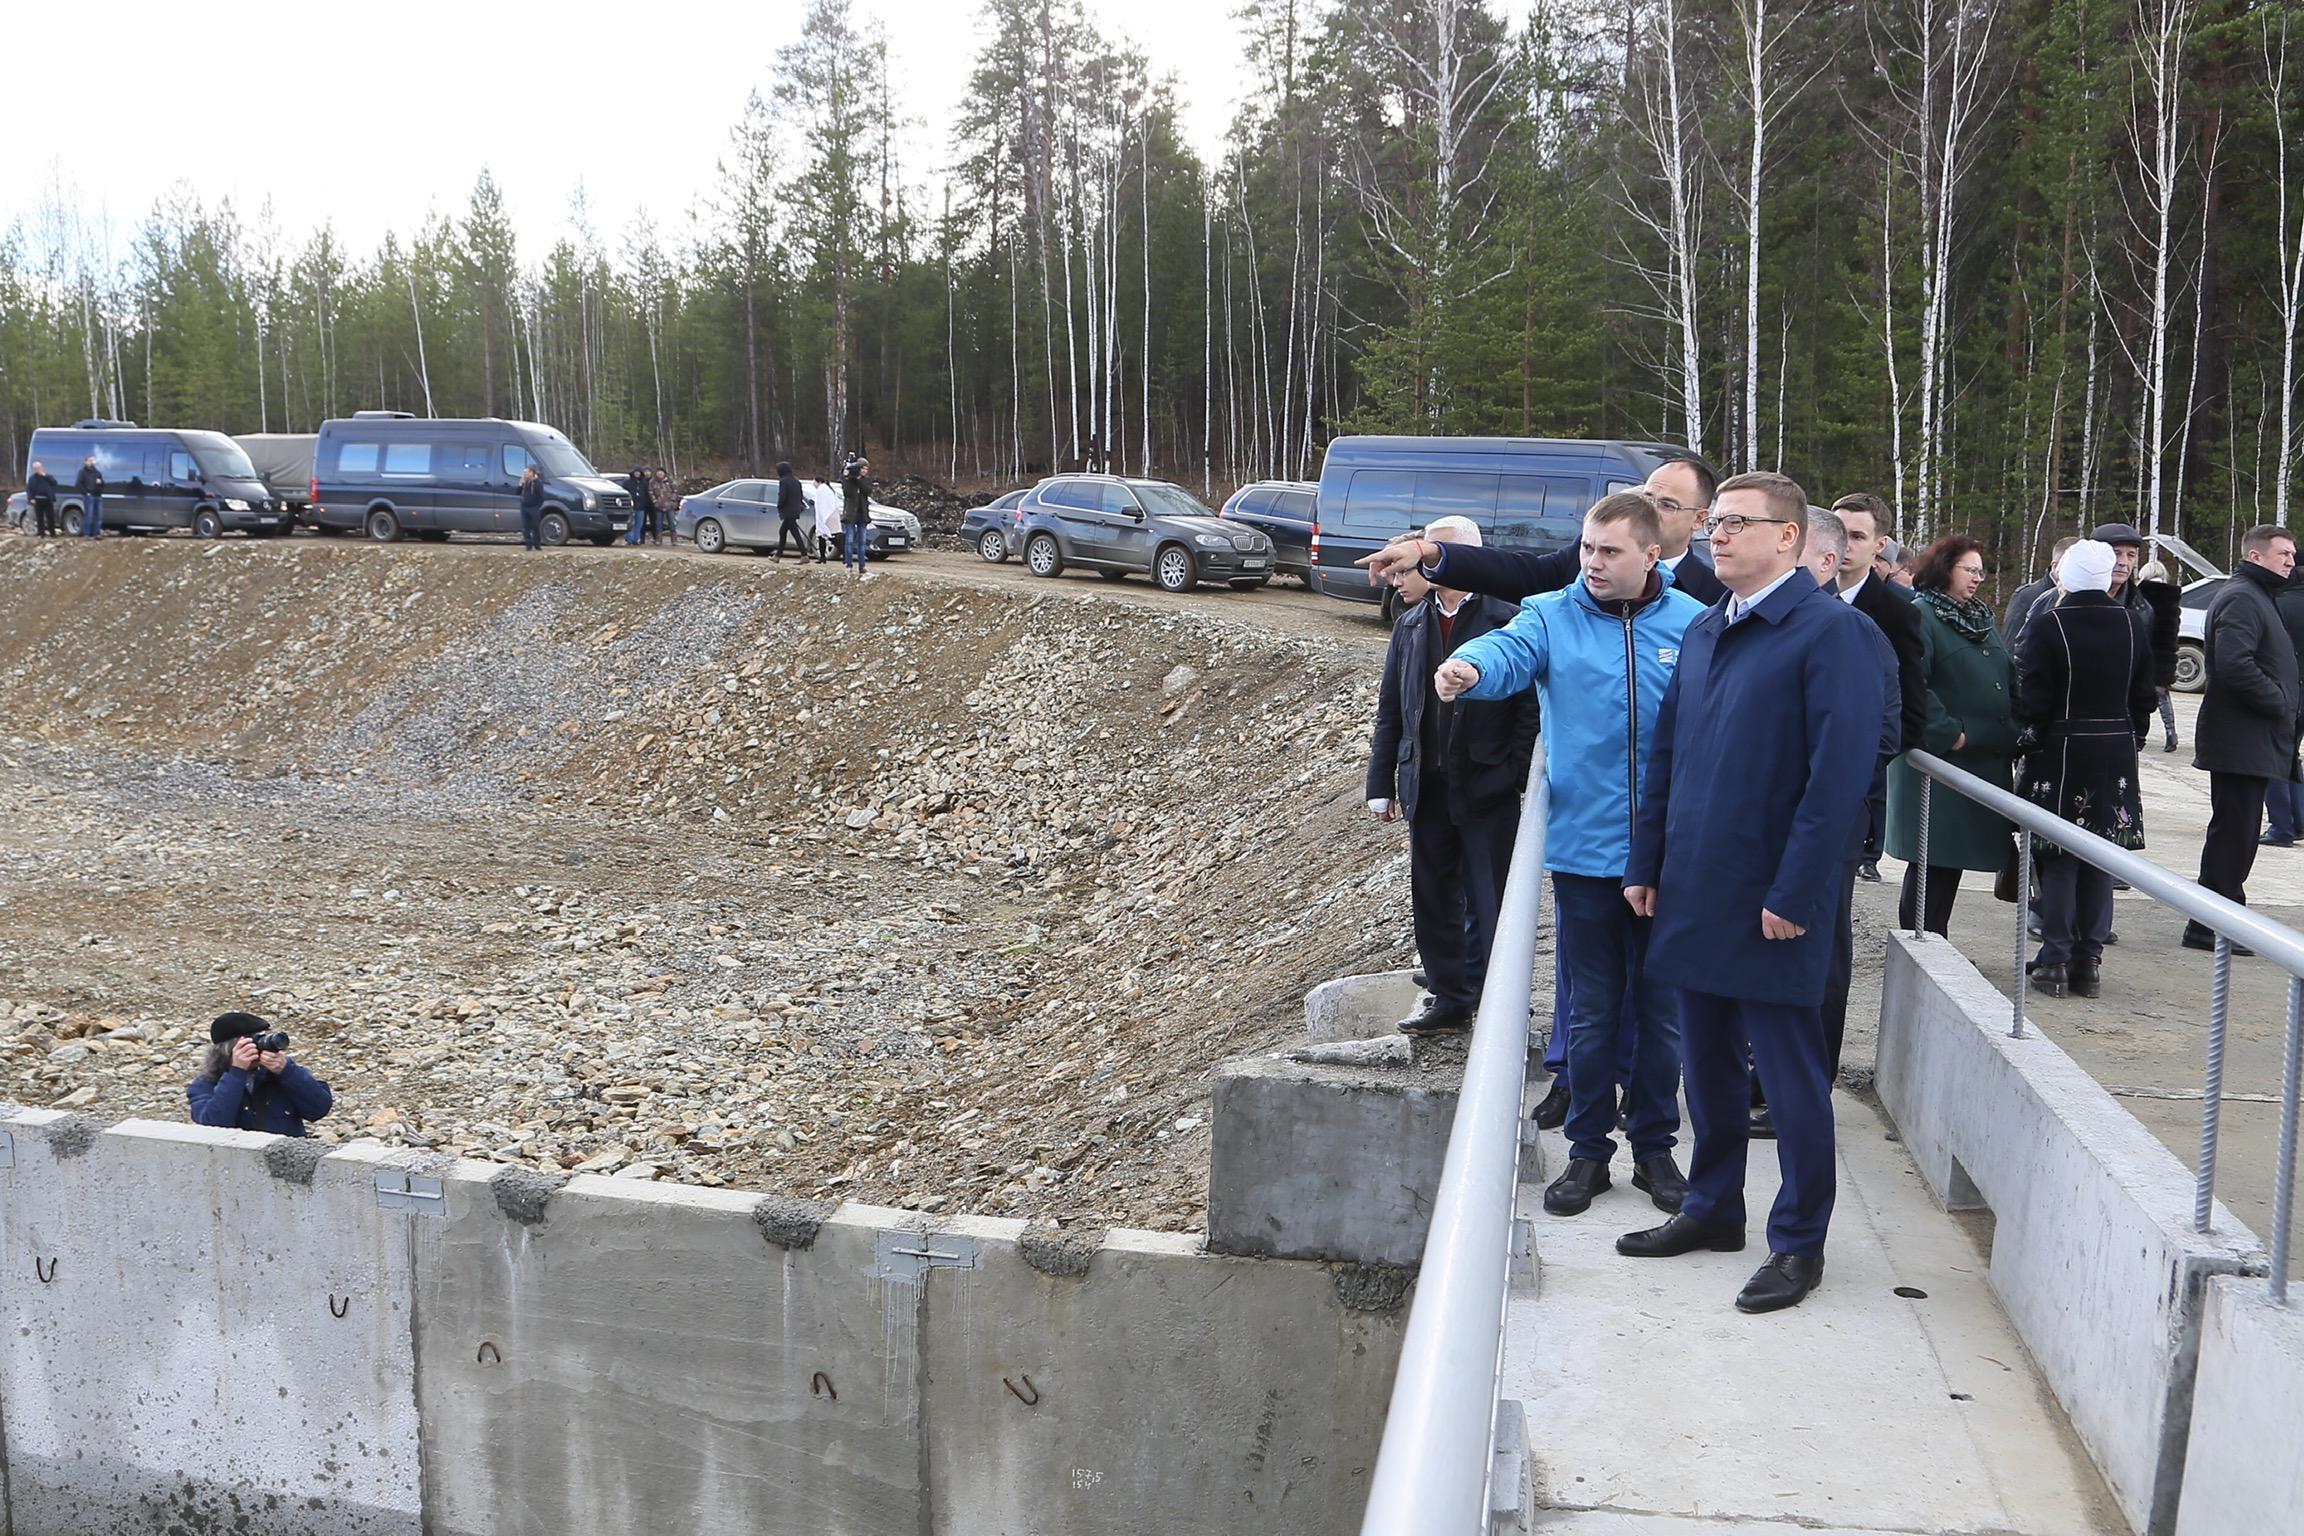 Губернатор Челябинской области Алексей Текслер осматривает обводной канал. Из снимков официальной хроники совершенно неясно, куда ведёт этот канал и зачем он нужен